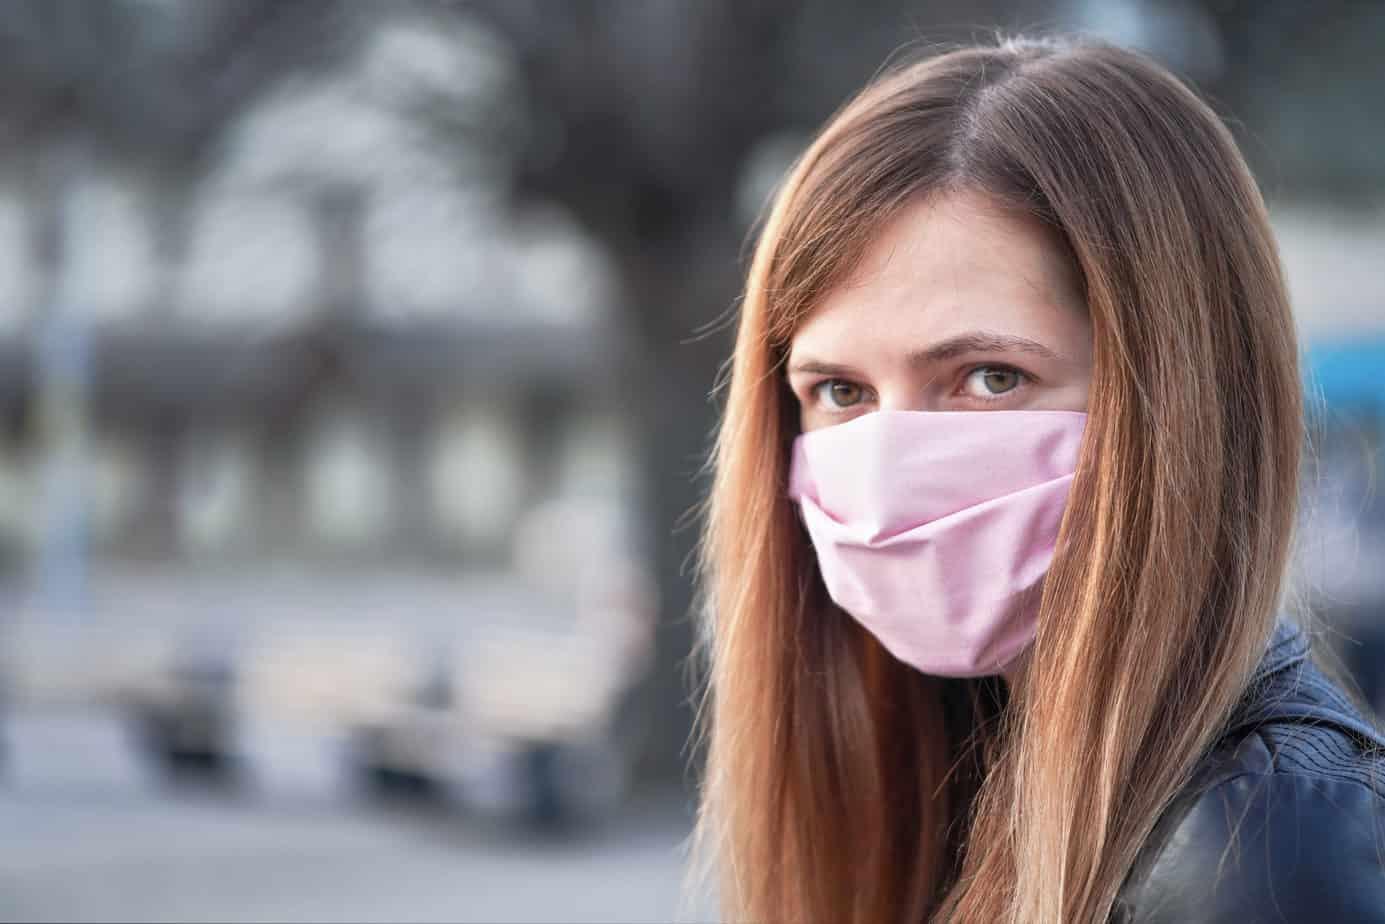 Prorogato lo stato di emergenza e obbligo mascherine all'aperto: ecco cosa dice il decreto legge